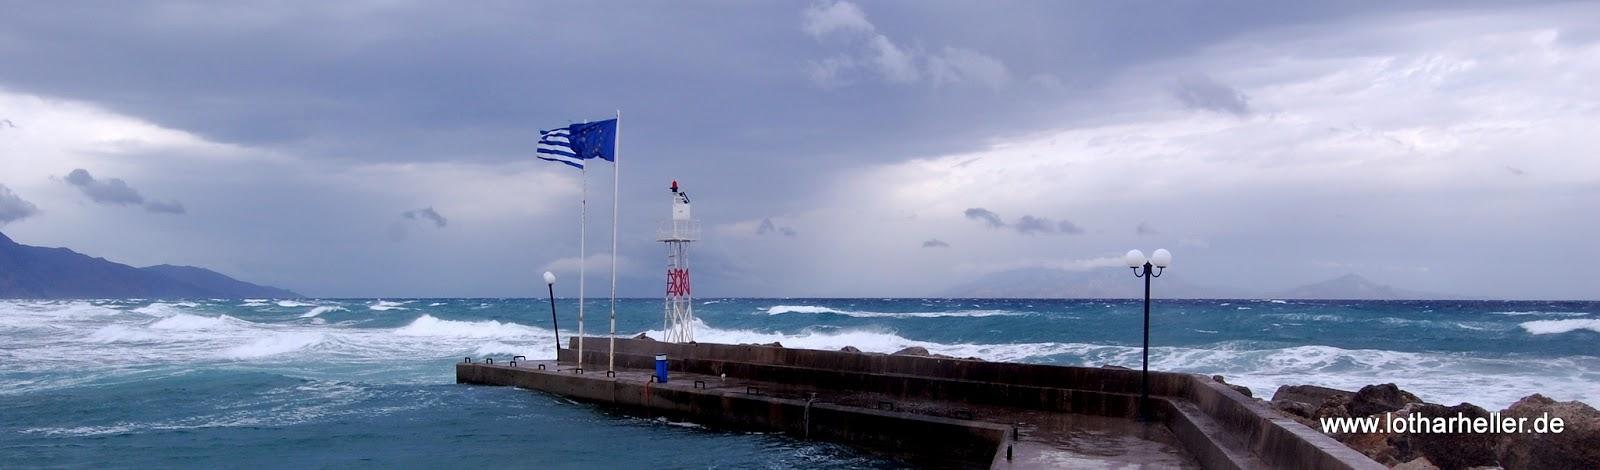 Griechenland Sturm